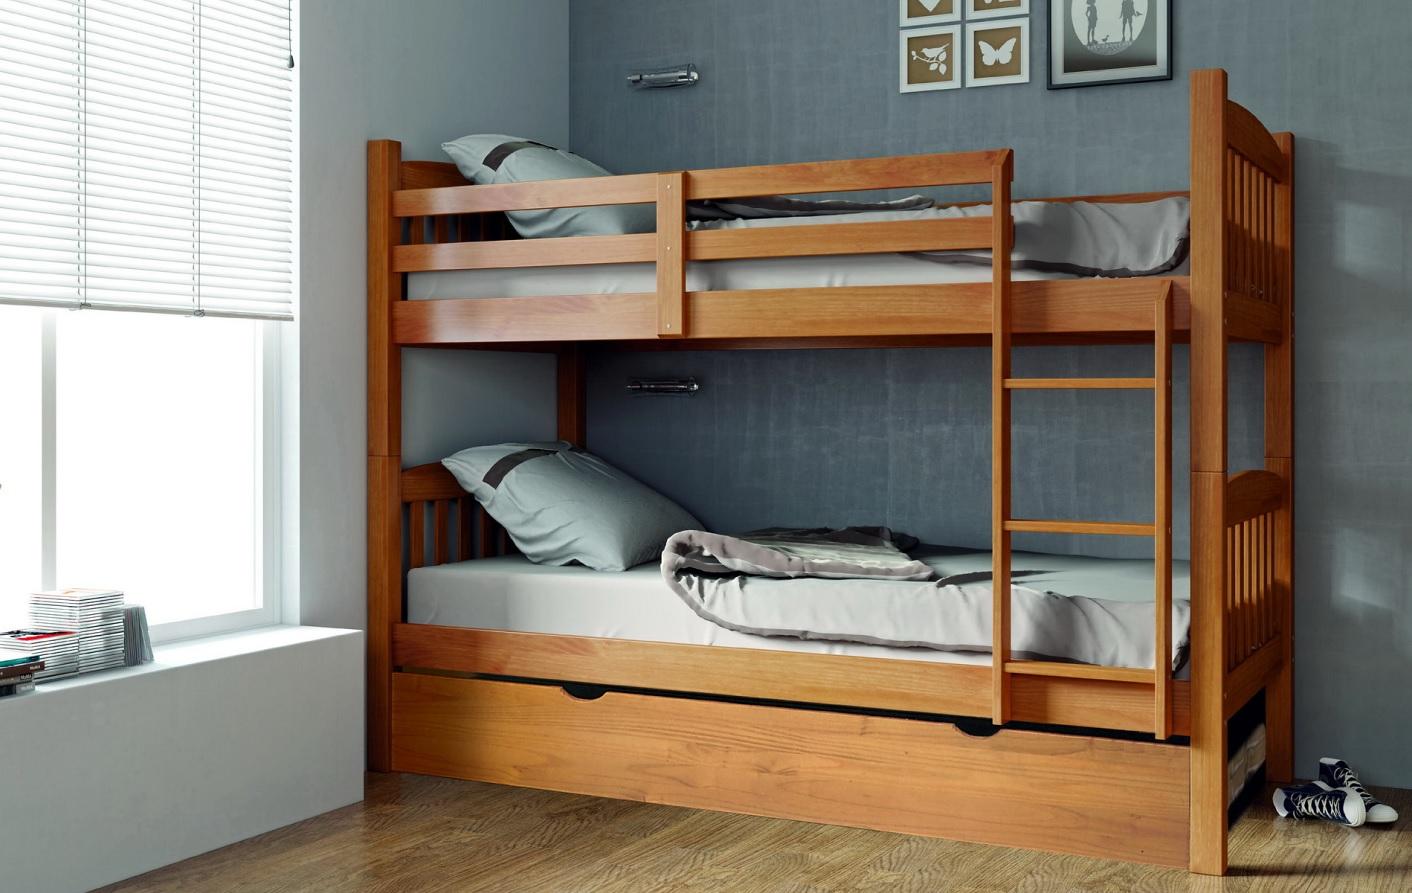 Camas literas de madera las camas literas son una gran - Cama litera de madera ...